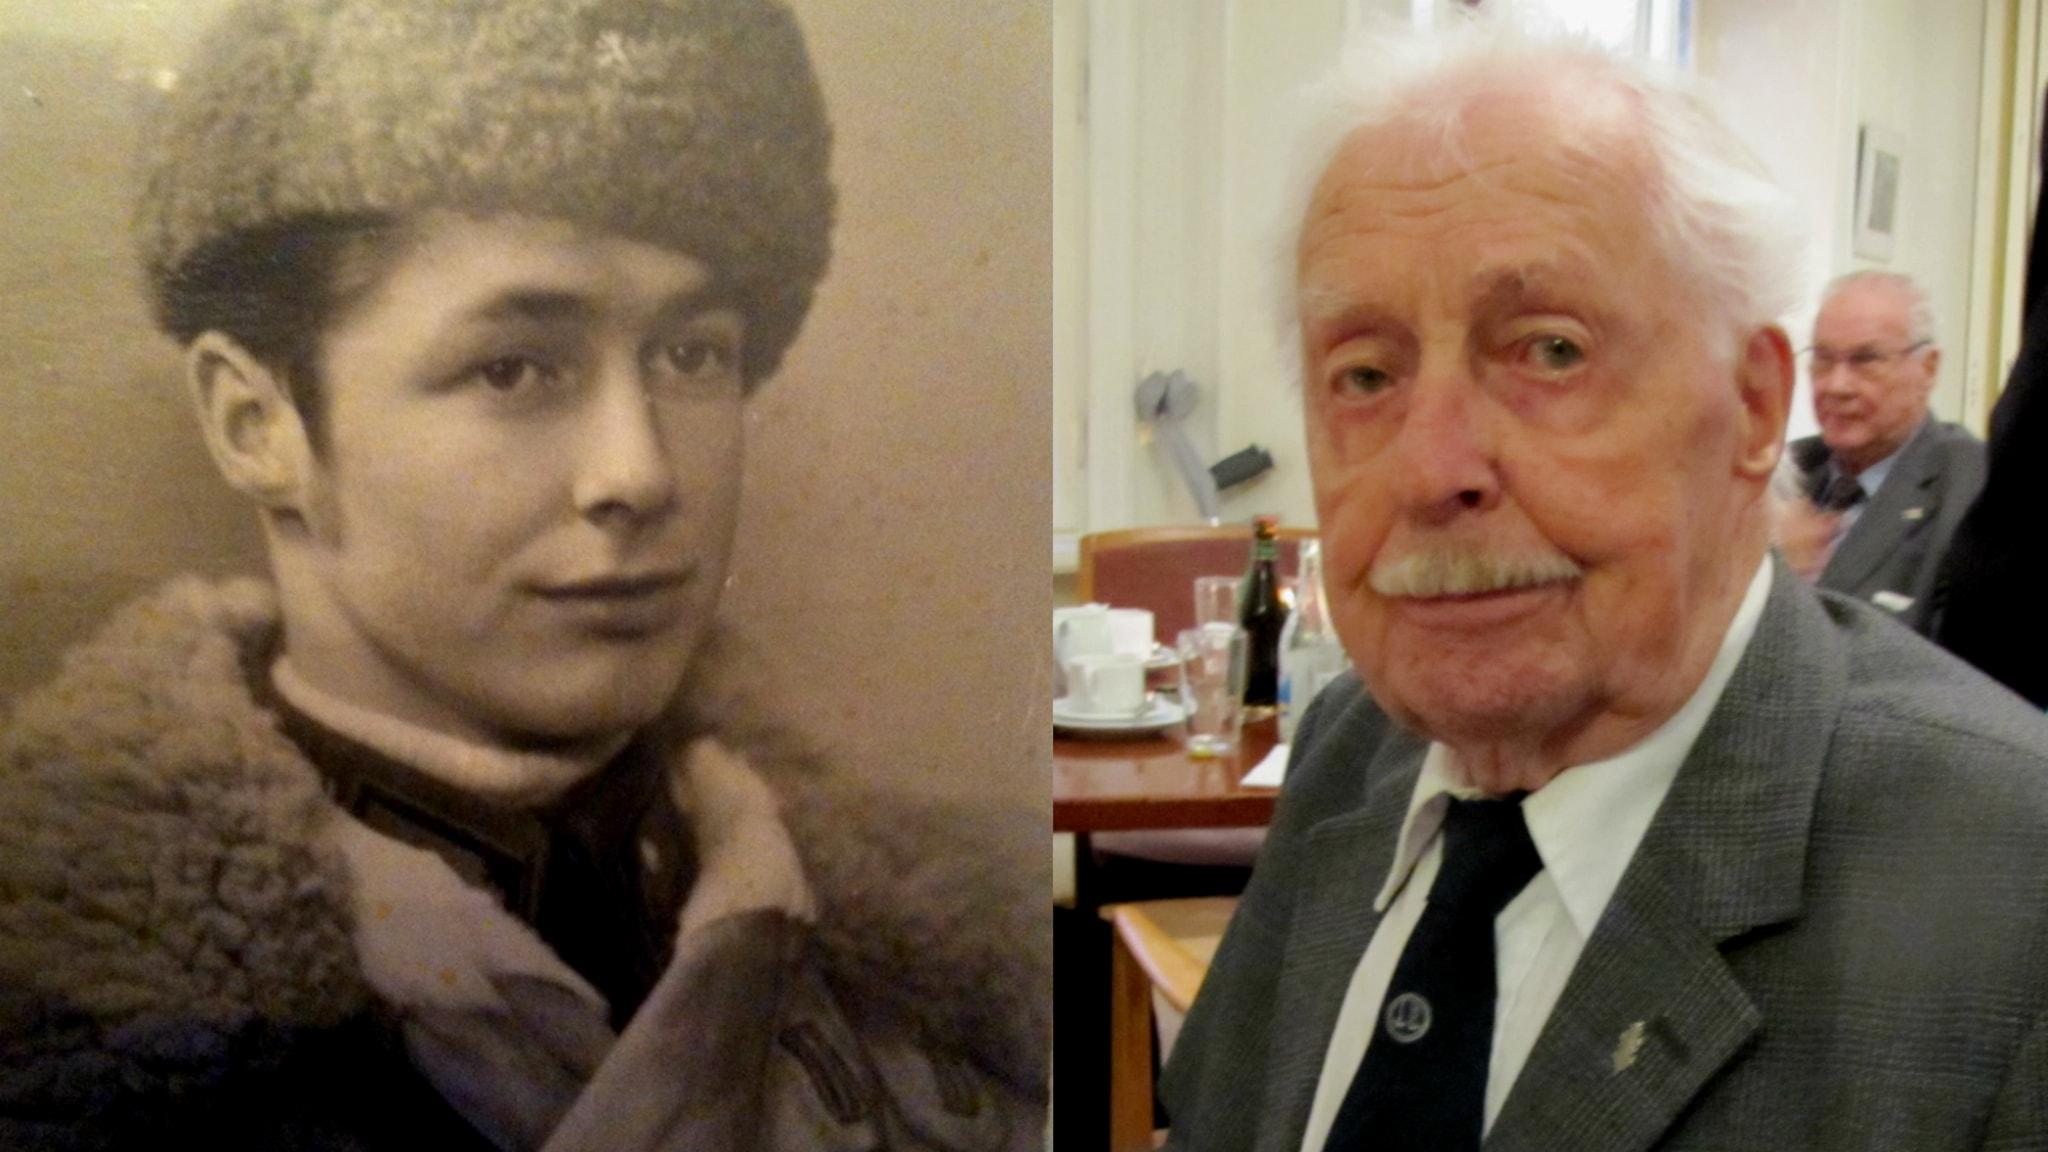 Jatkosodan veteraani Björn Råbergh: Minulla oli hyvä tuuri - haavoituin vain molempiin jalkoihin